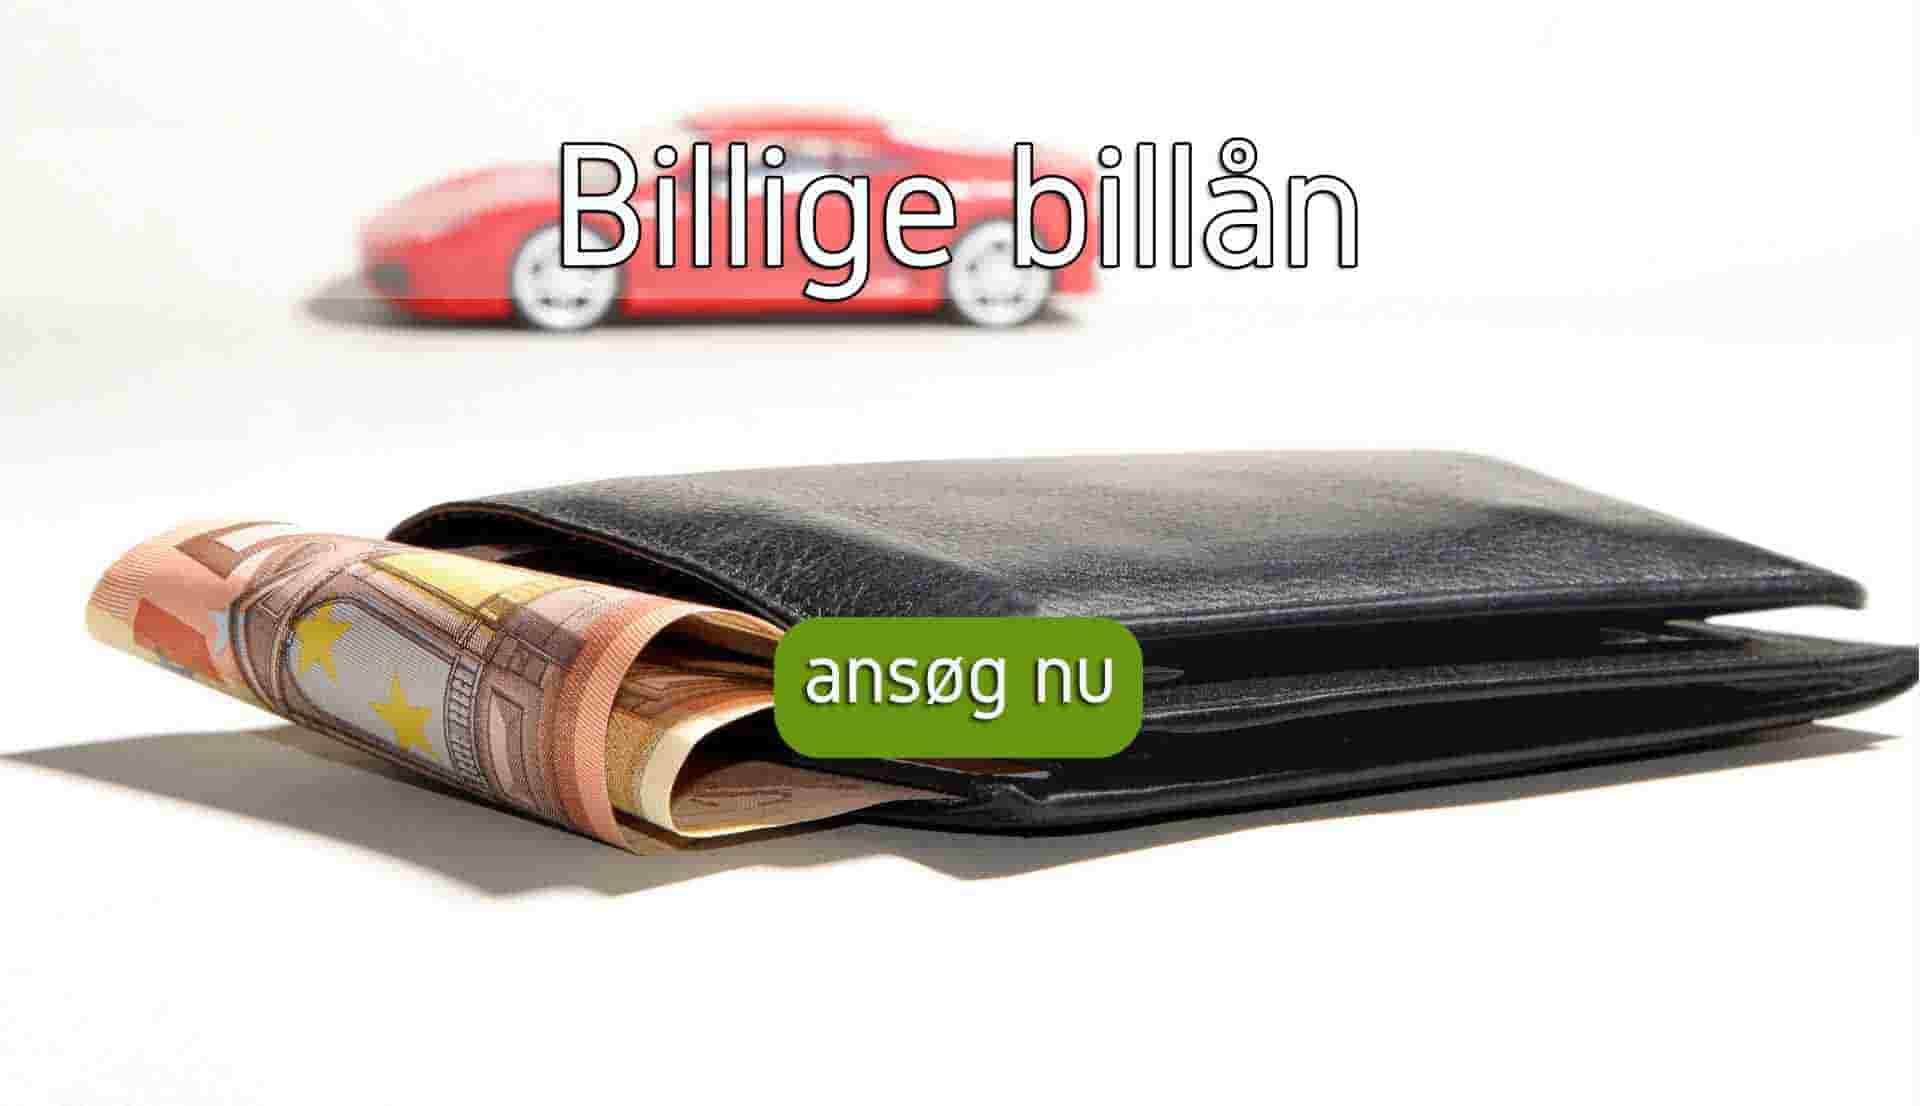 Lån penge billigt online. Renter fra 4.95% samt gratis kreditkort